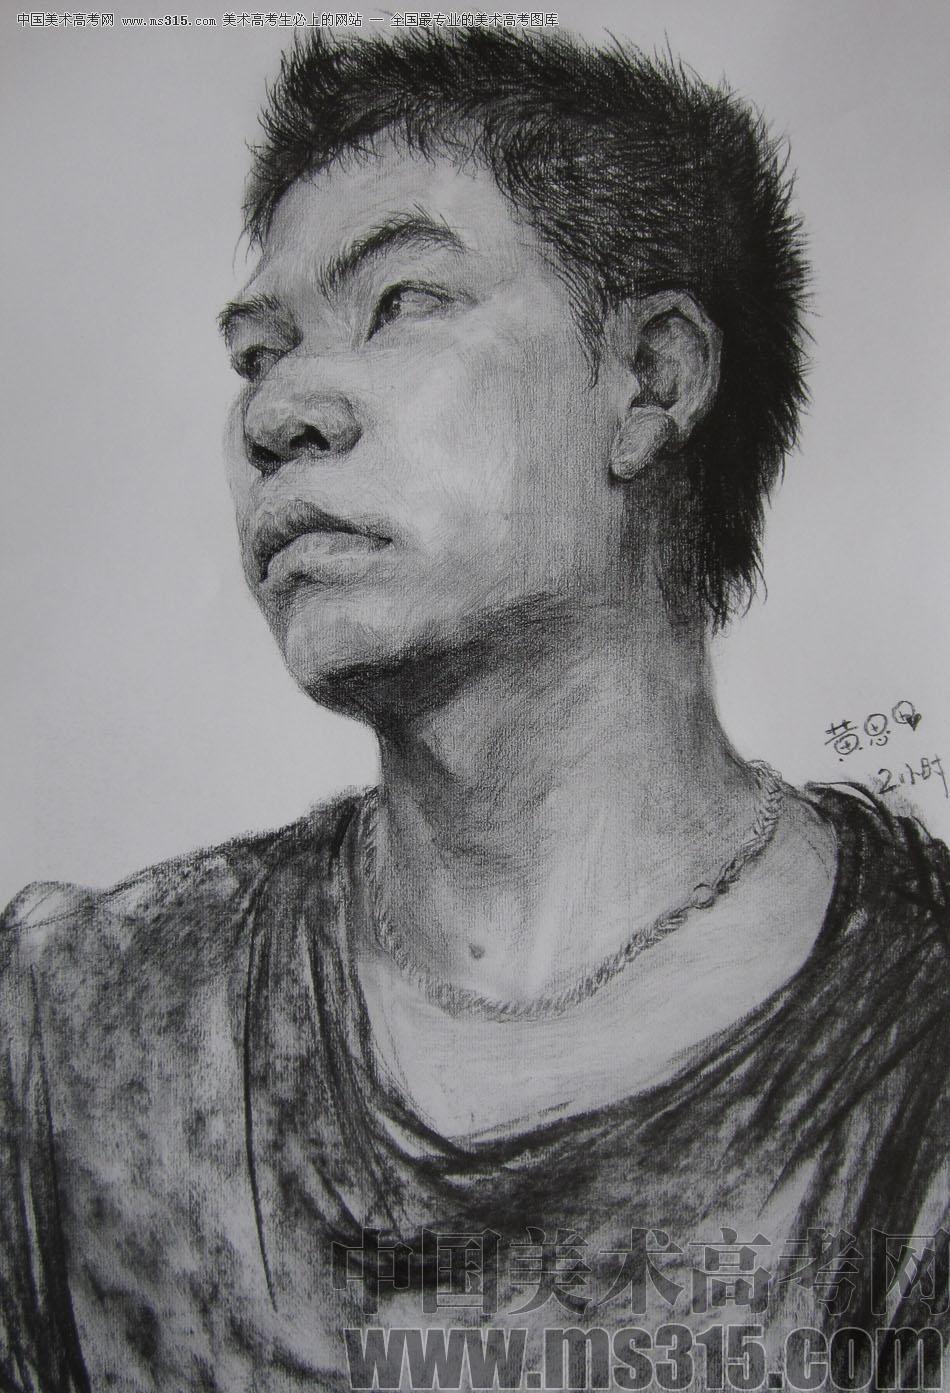 央美清�A�p�钤��S思思素描�^像��秀作品10